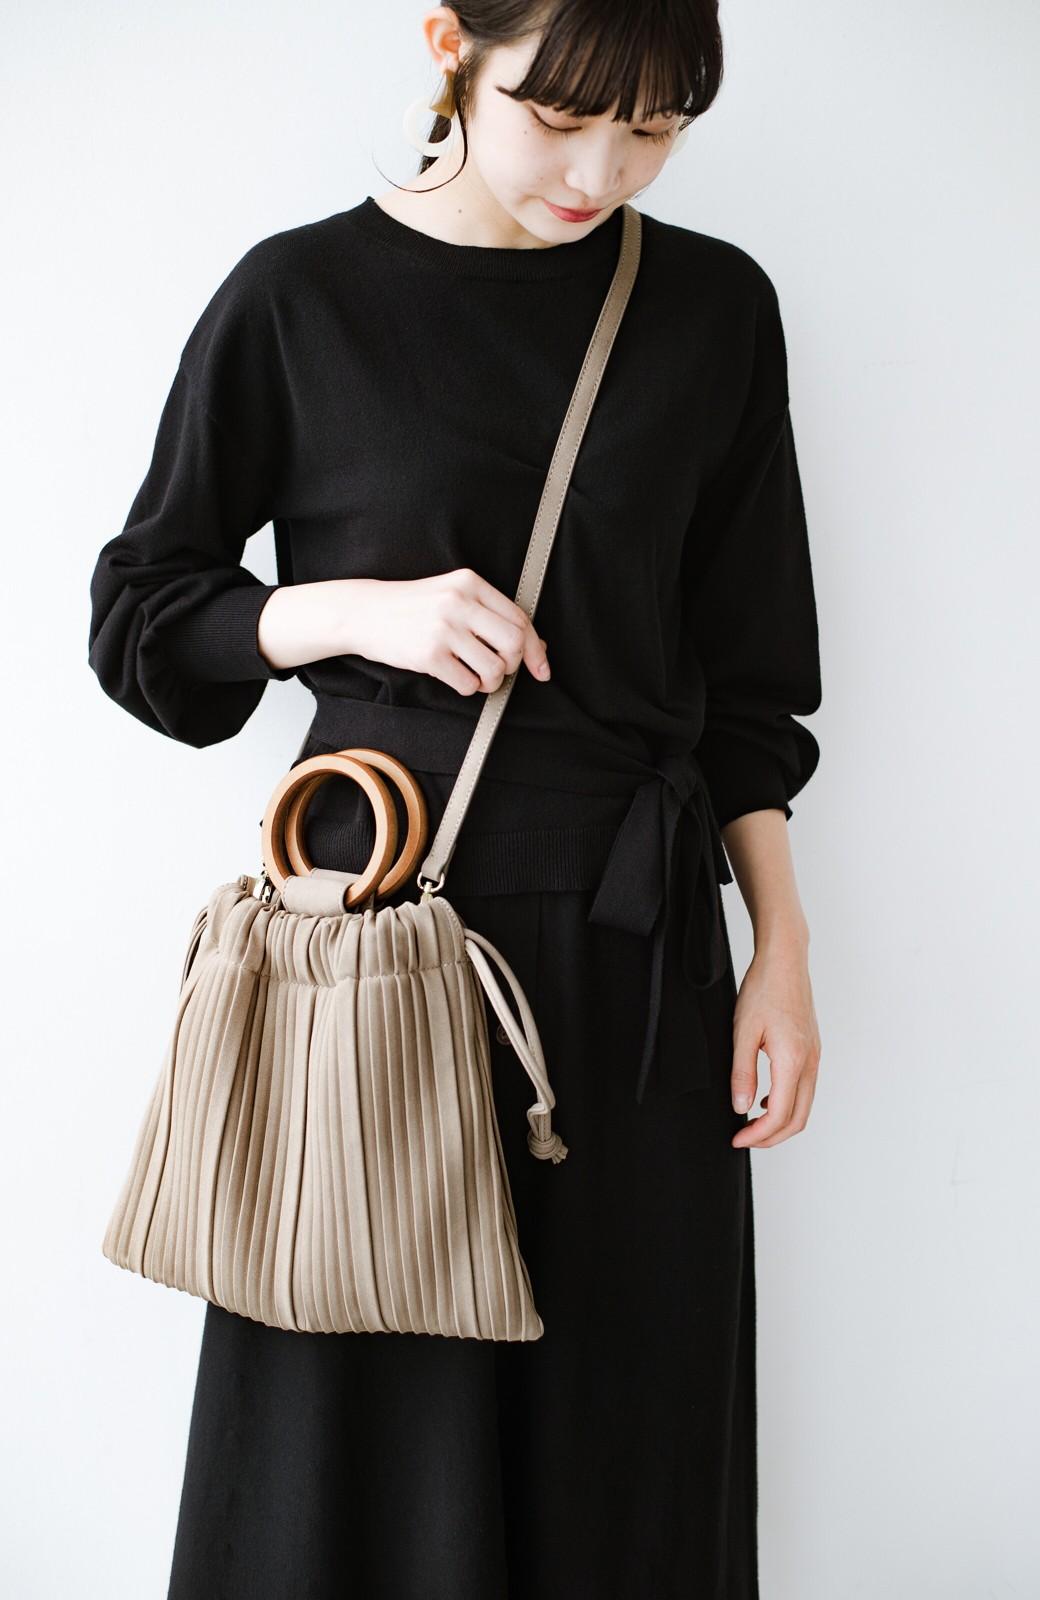 haco! パッと持ってコーデのポイントになる フェイクスエードがやさしい雰囲気の2WAYプリーツバッグ <ベージュ>の商品写真1